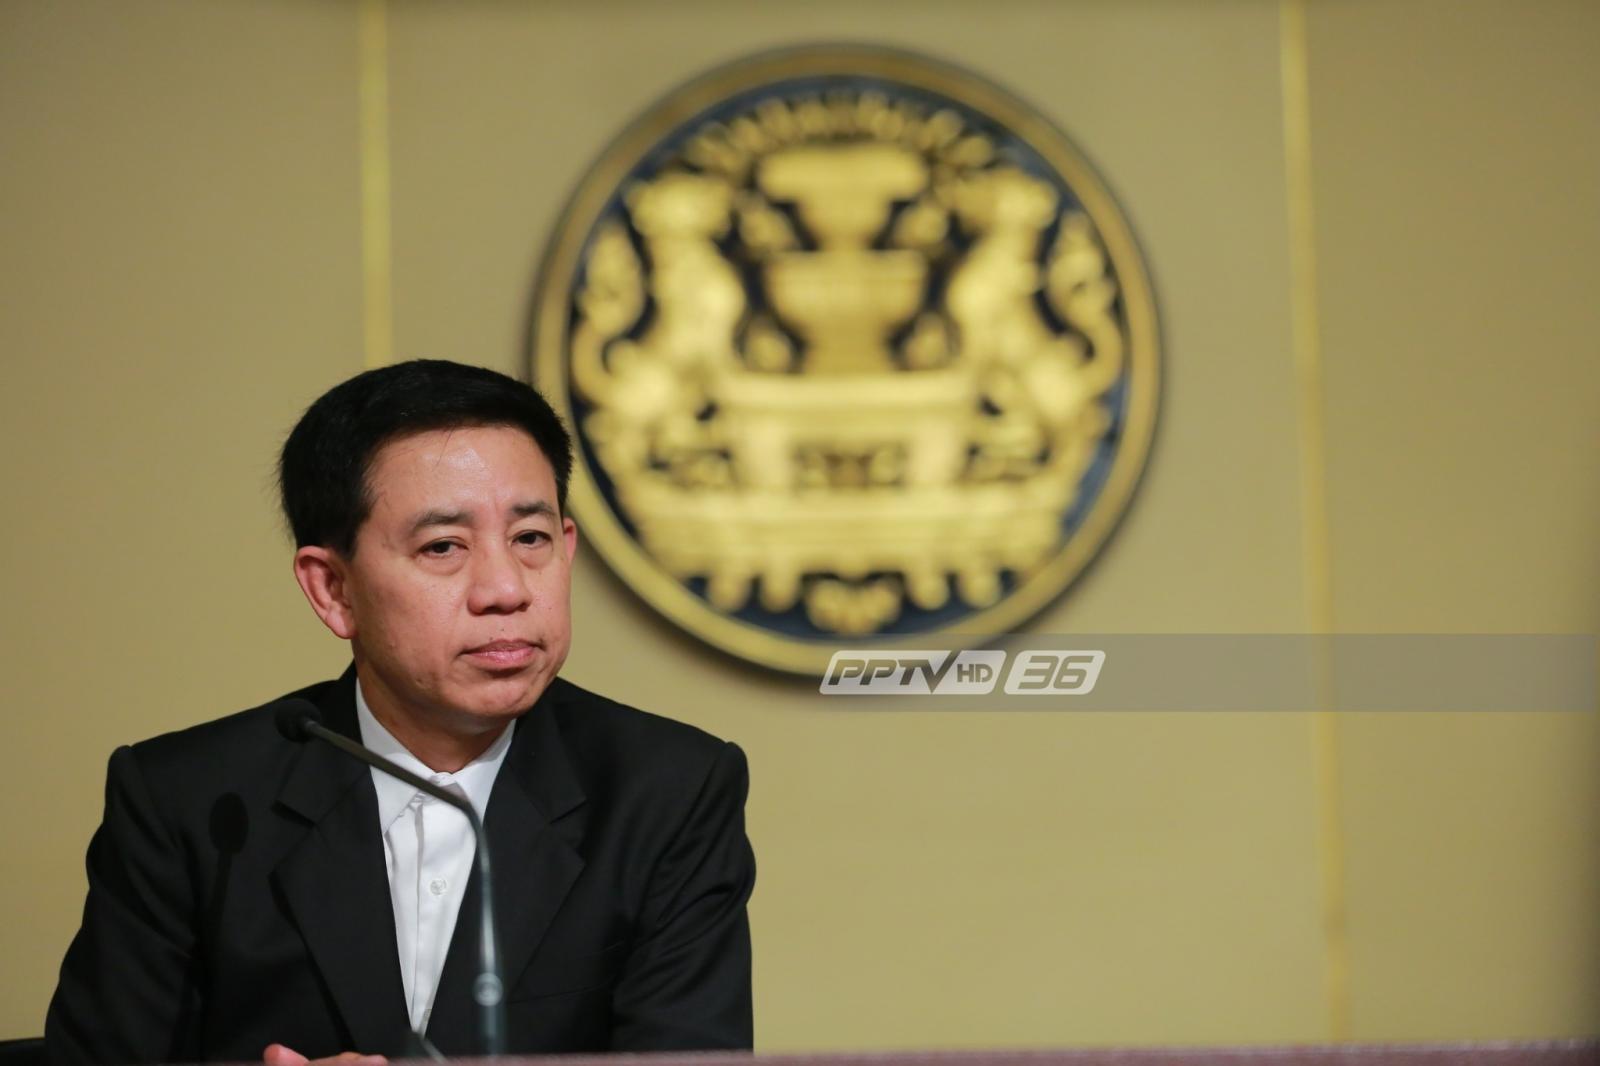 นายกฯ สั่งแบงก์ชาติเข้มบัตรเครดิตป้องคนไทยใช้เงินเกินตัว